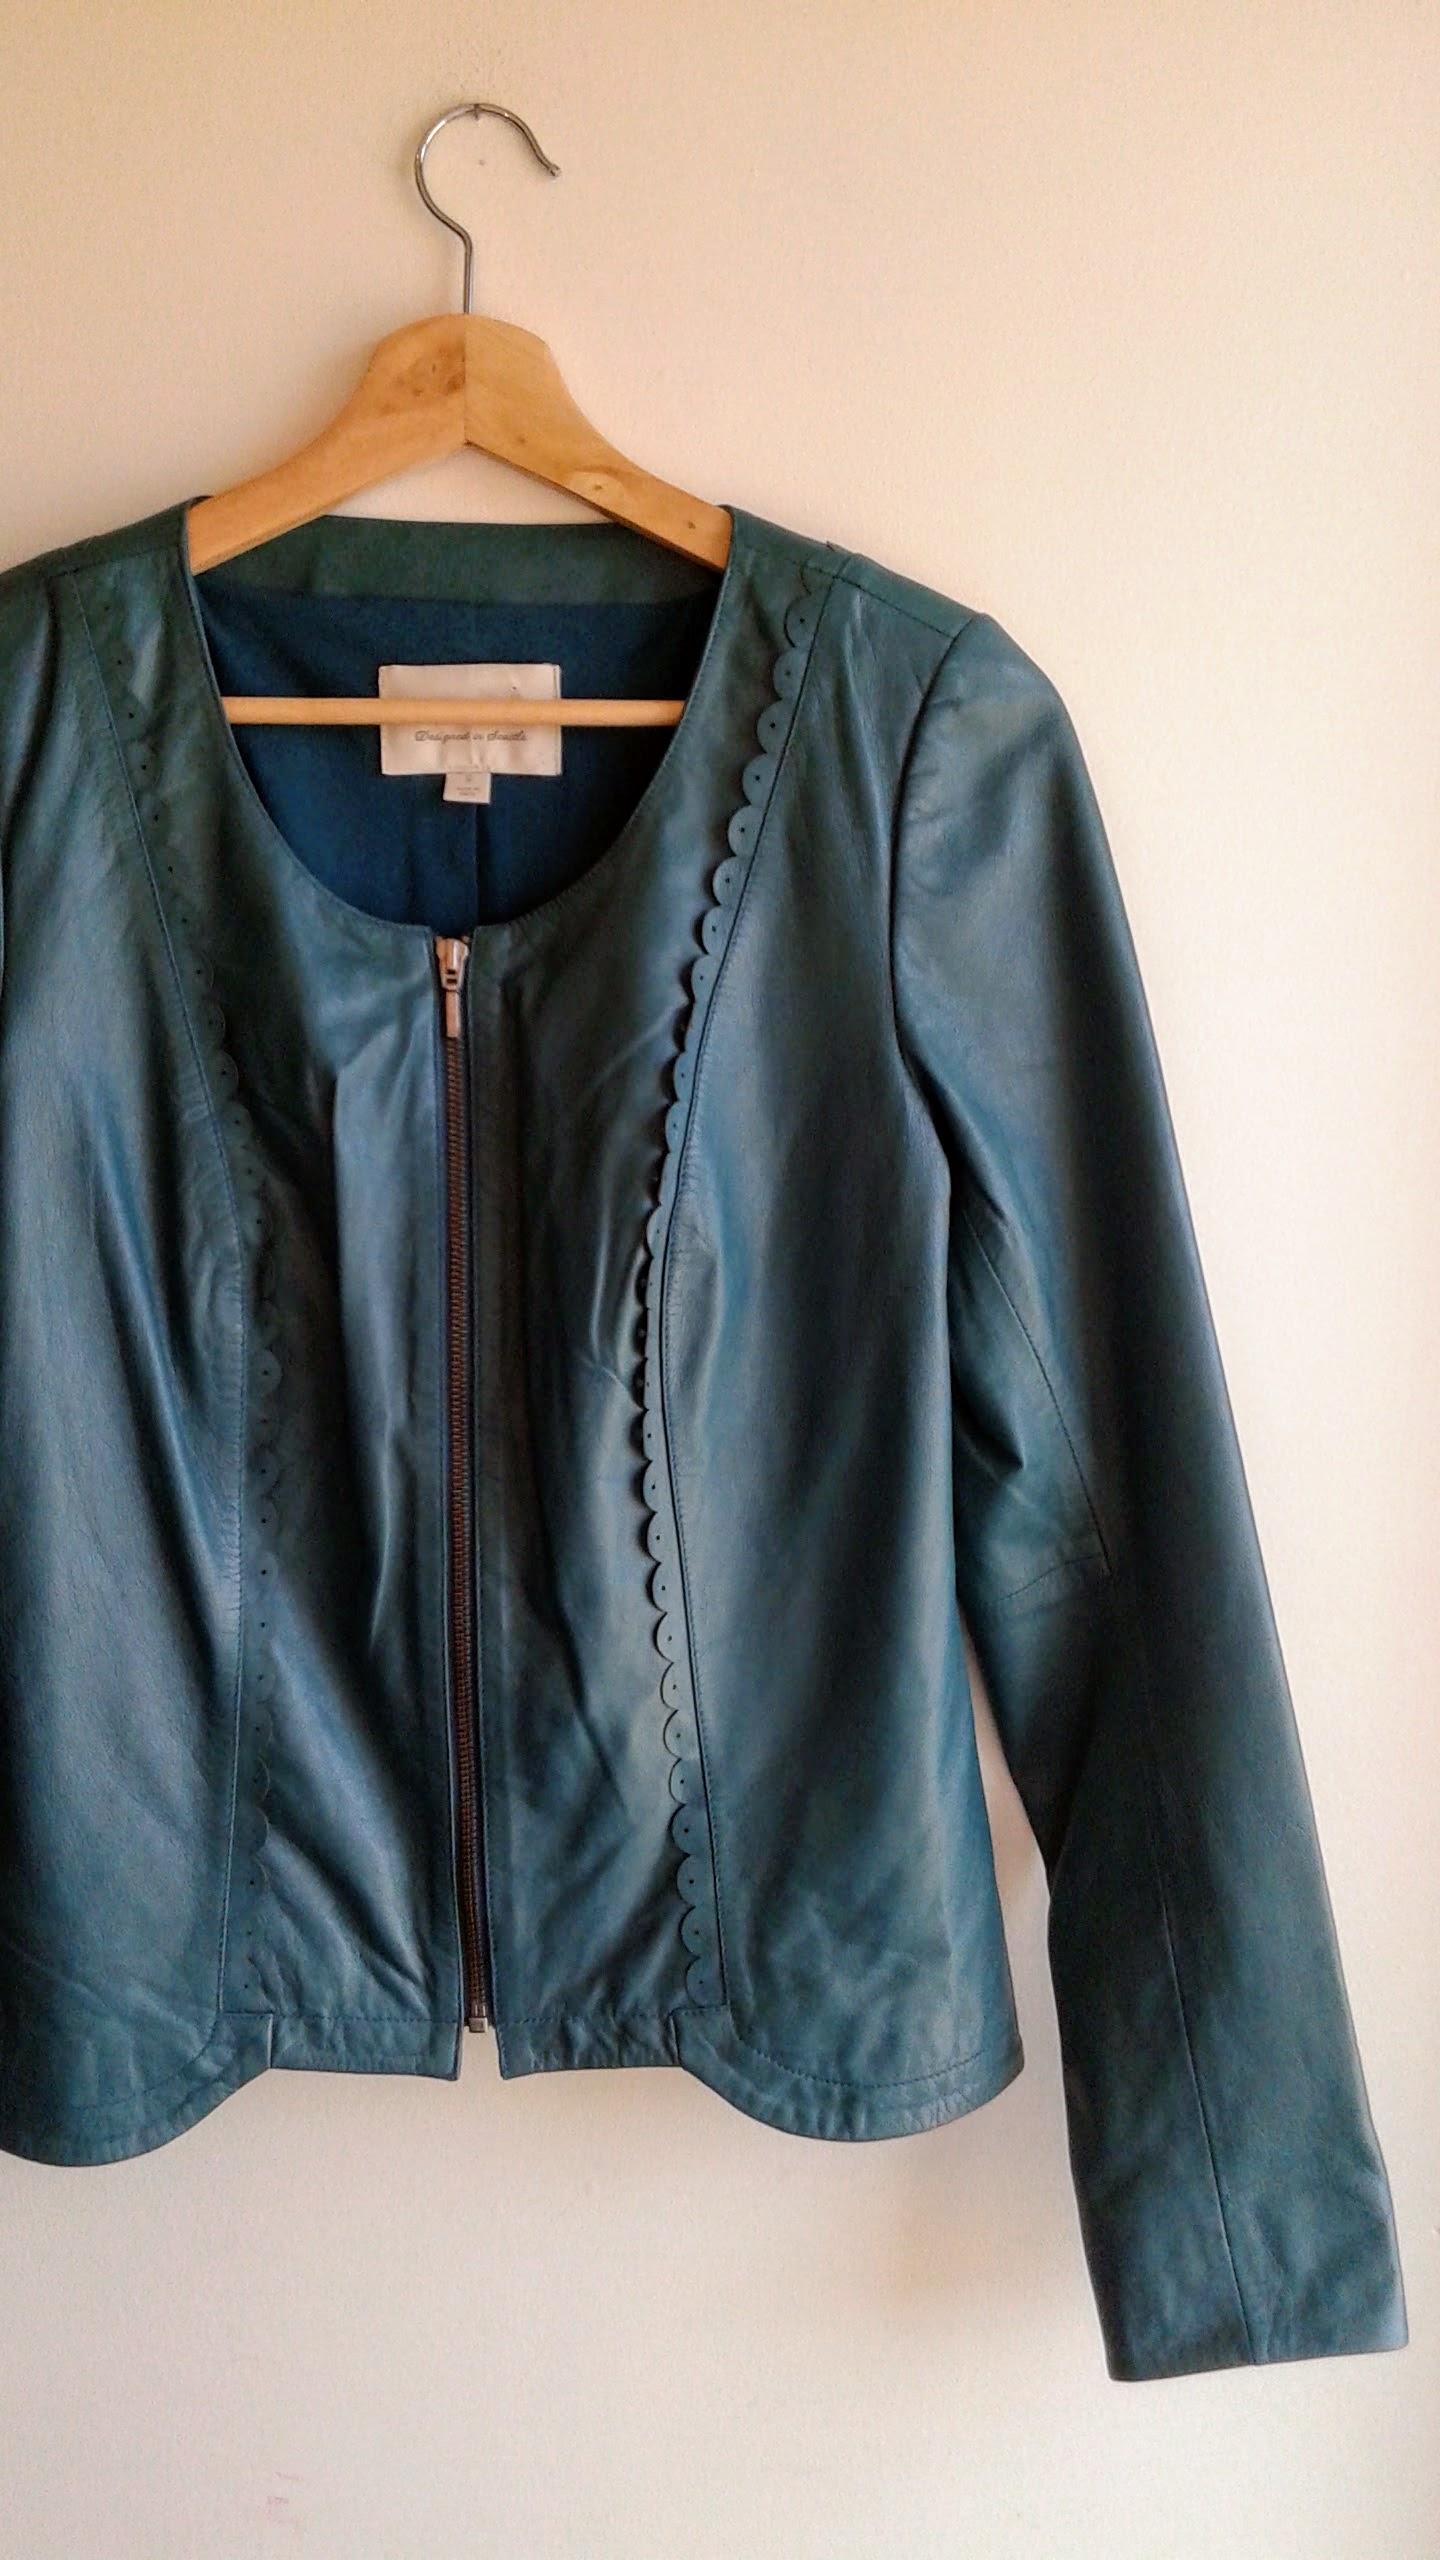 Hinge jacket; Size S, $62